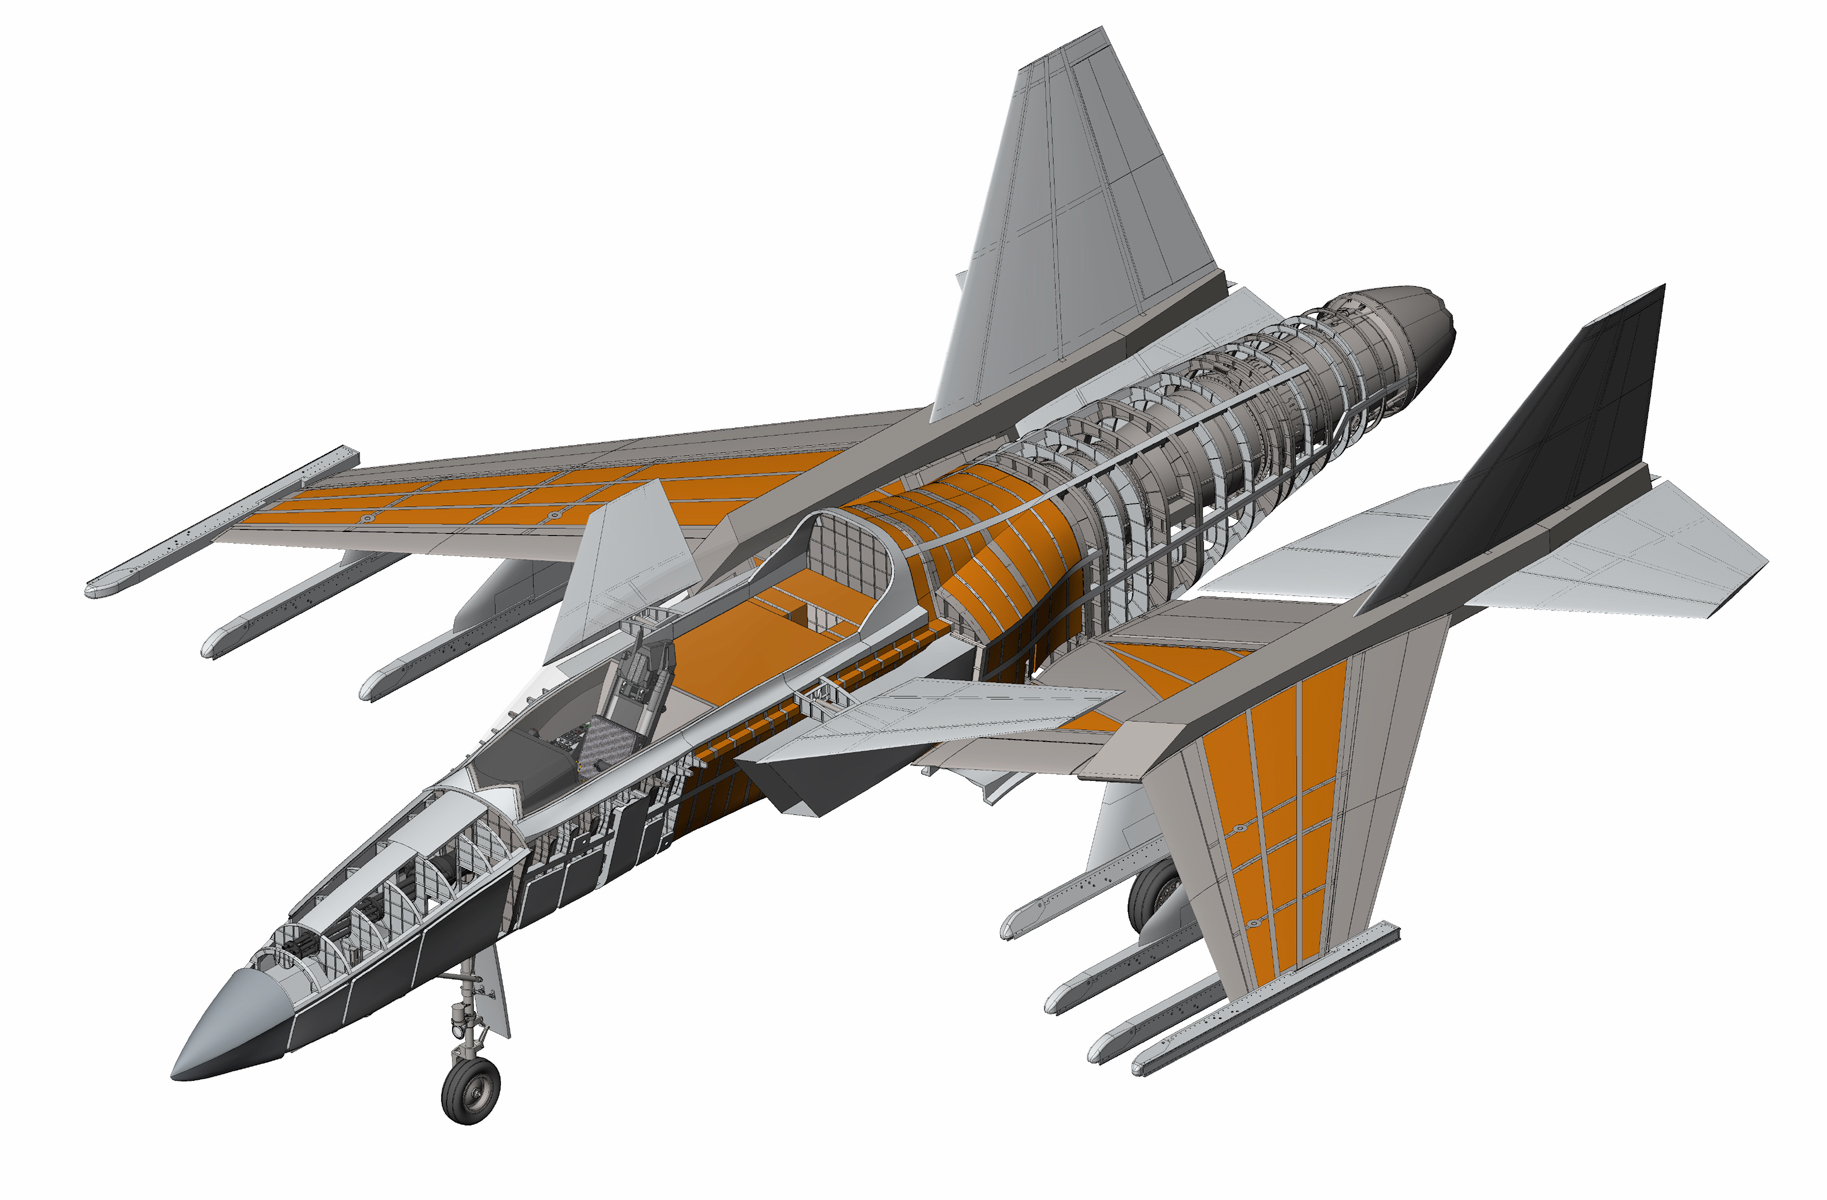 Stavatti, SM-47, SM-47S, Super Machete